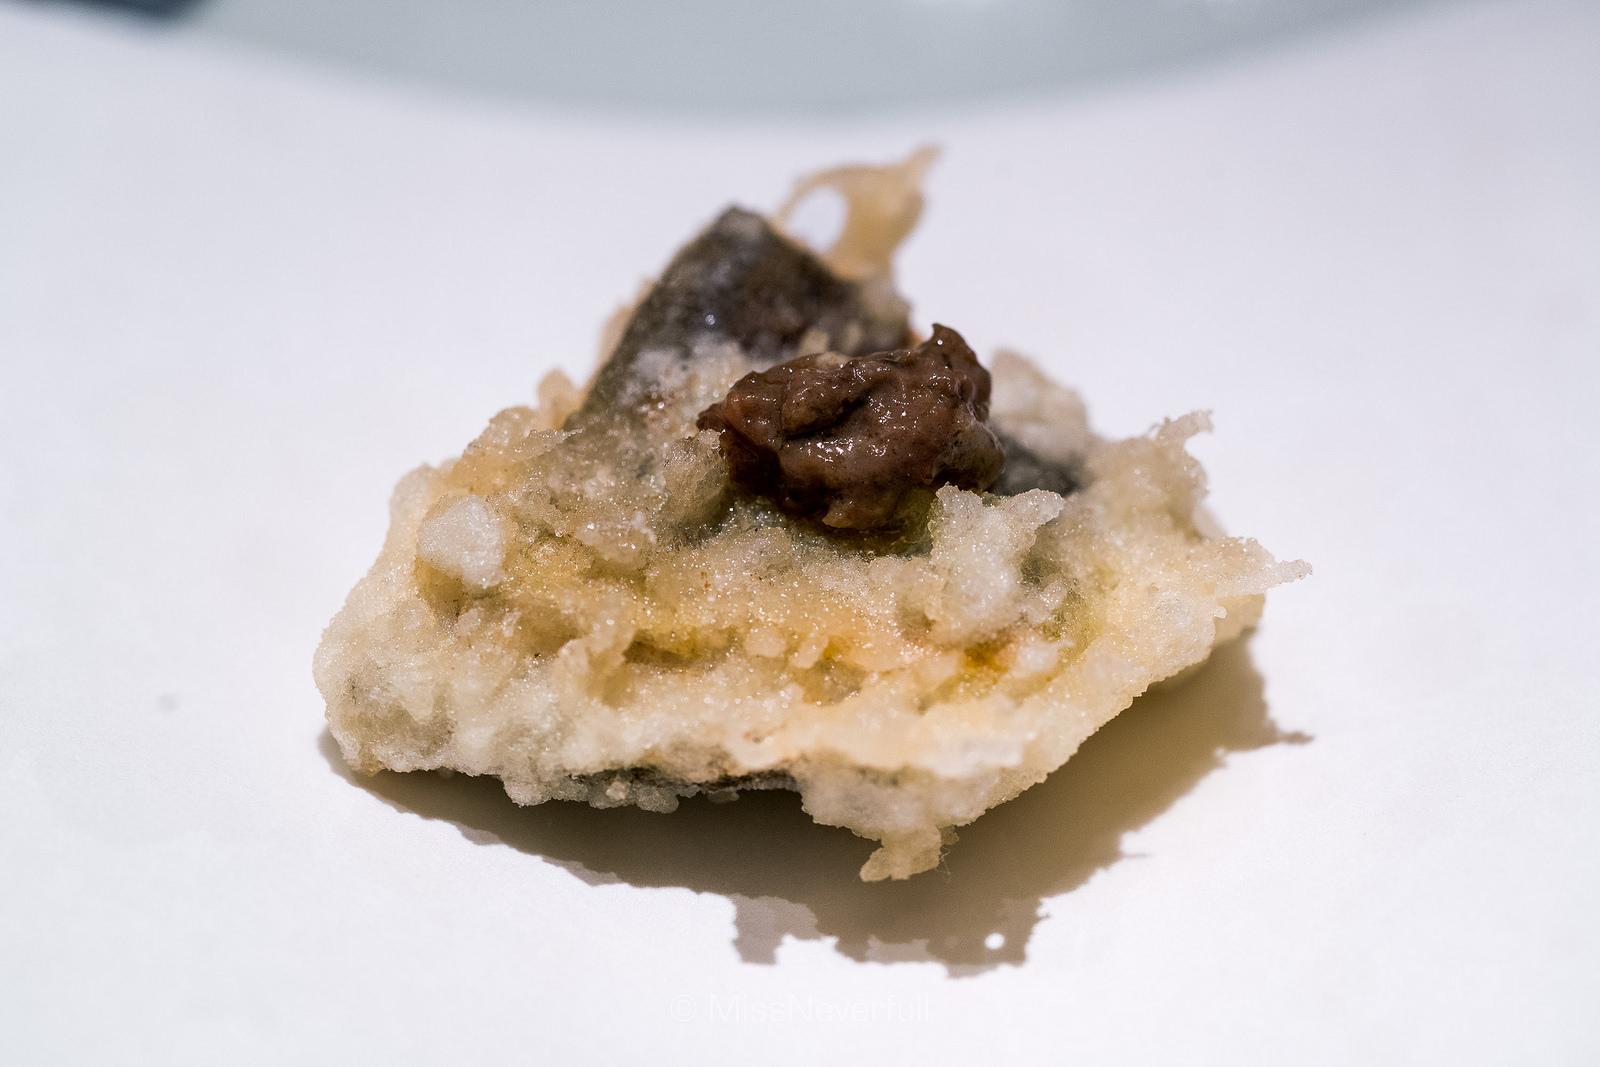 6. 鮎 (Ayu) Sweet fish with liver sauce